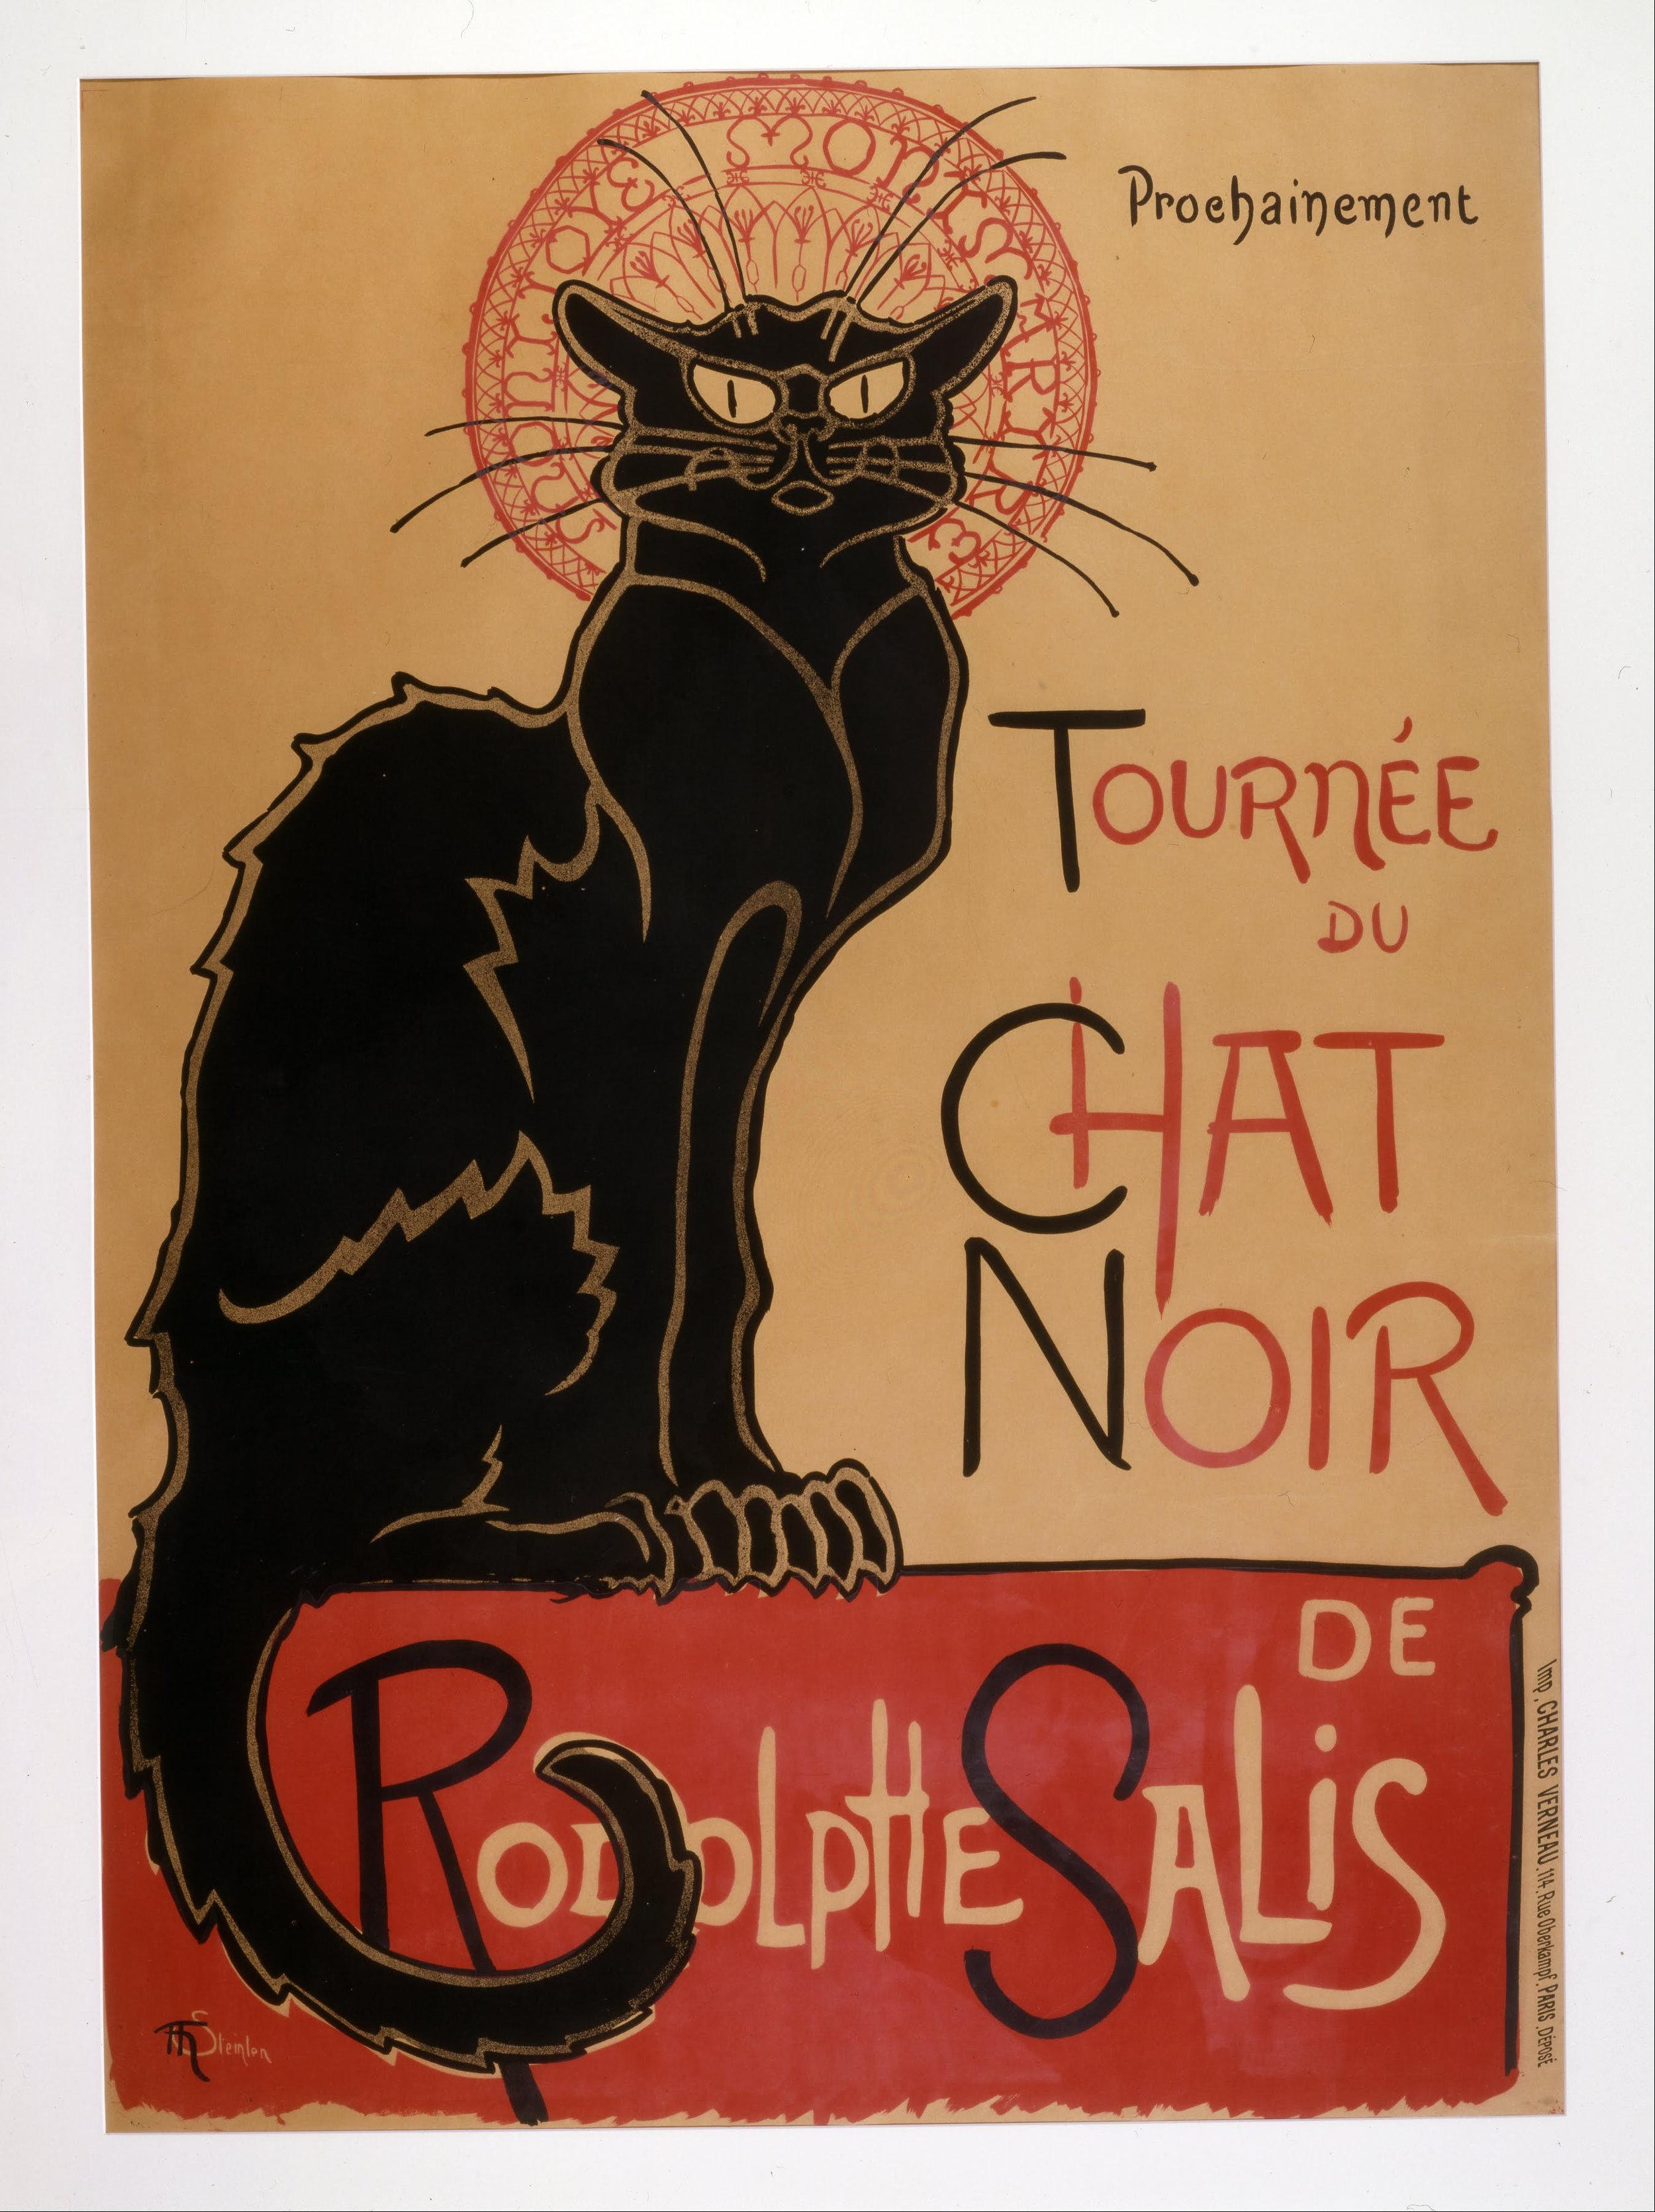 Théophile-Alexandre_Steinlen_-_Tournée_du_Chat_Noir_de_Rodolphe_Salis_(Tour_of_Rodolphe_Salis'_Chat_Noir)_-_Google_Art_Project.jpg